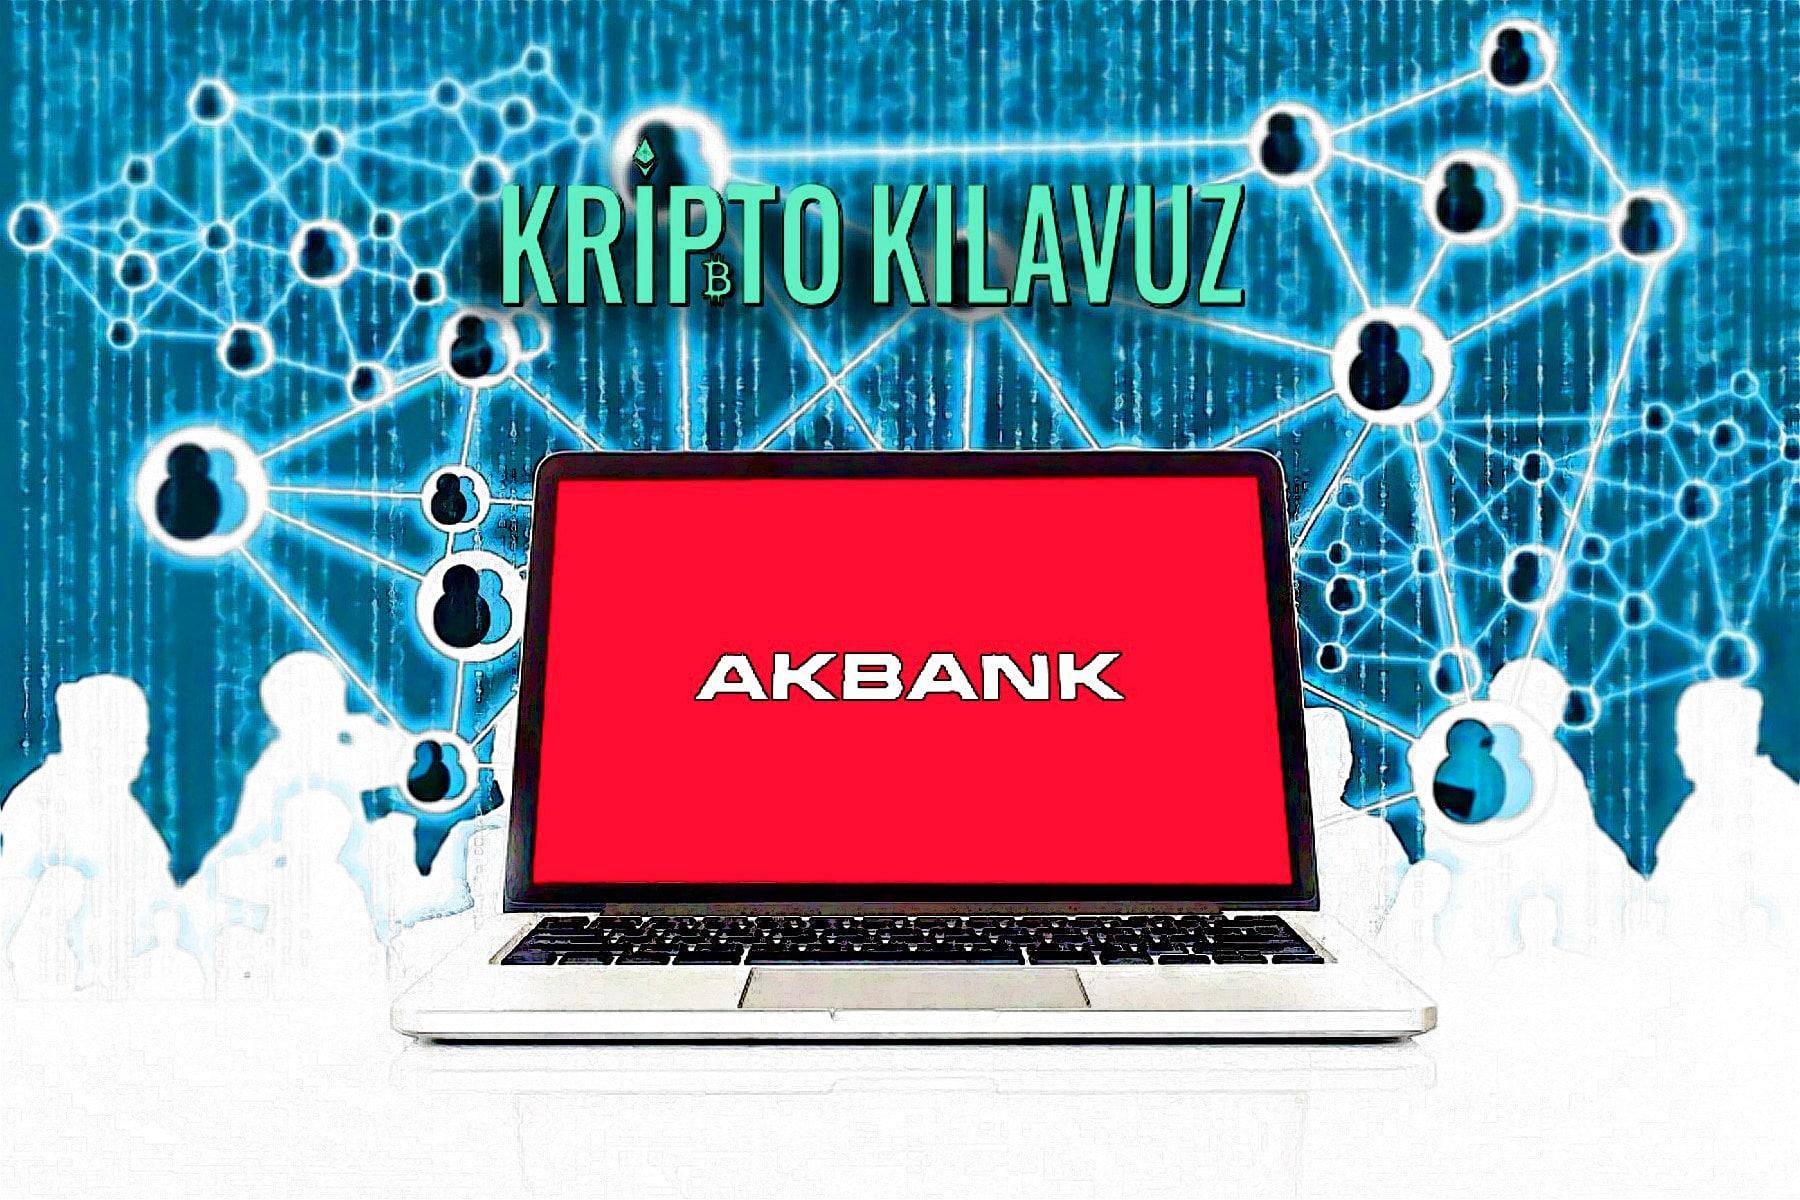 Akbank Üst Düzey Yöneticisinin Blockchain Hakkında Görüşleri!